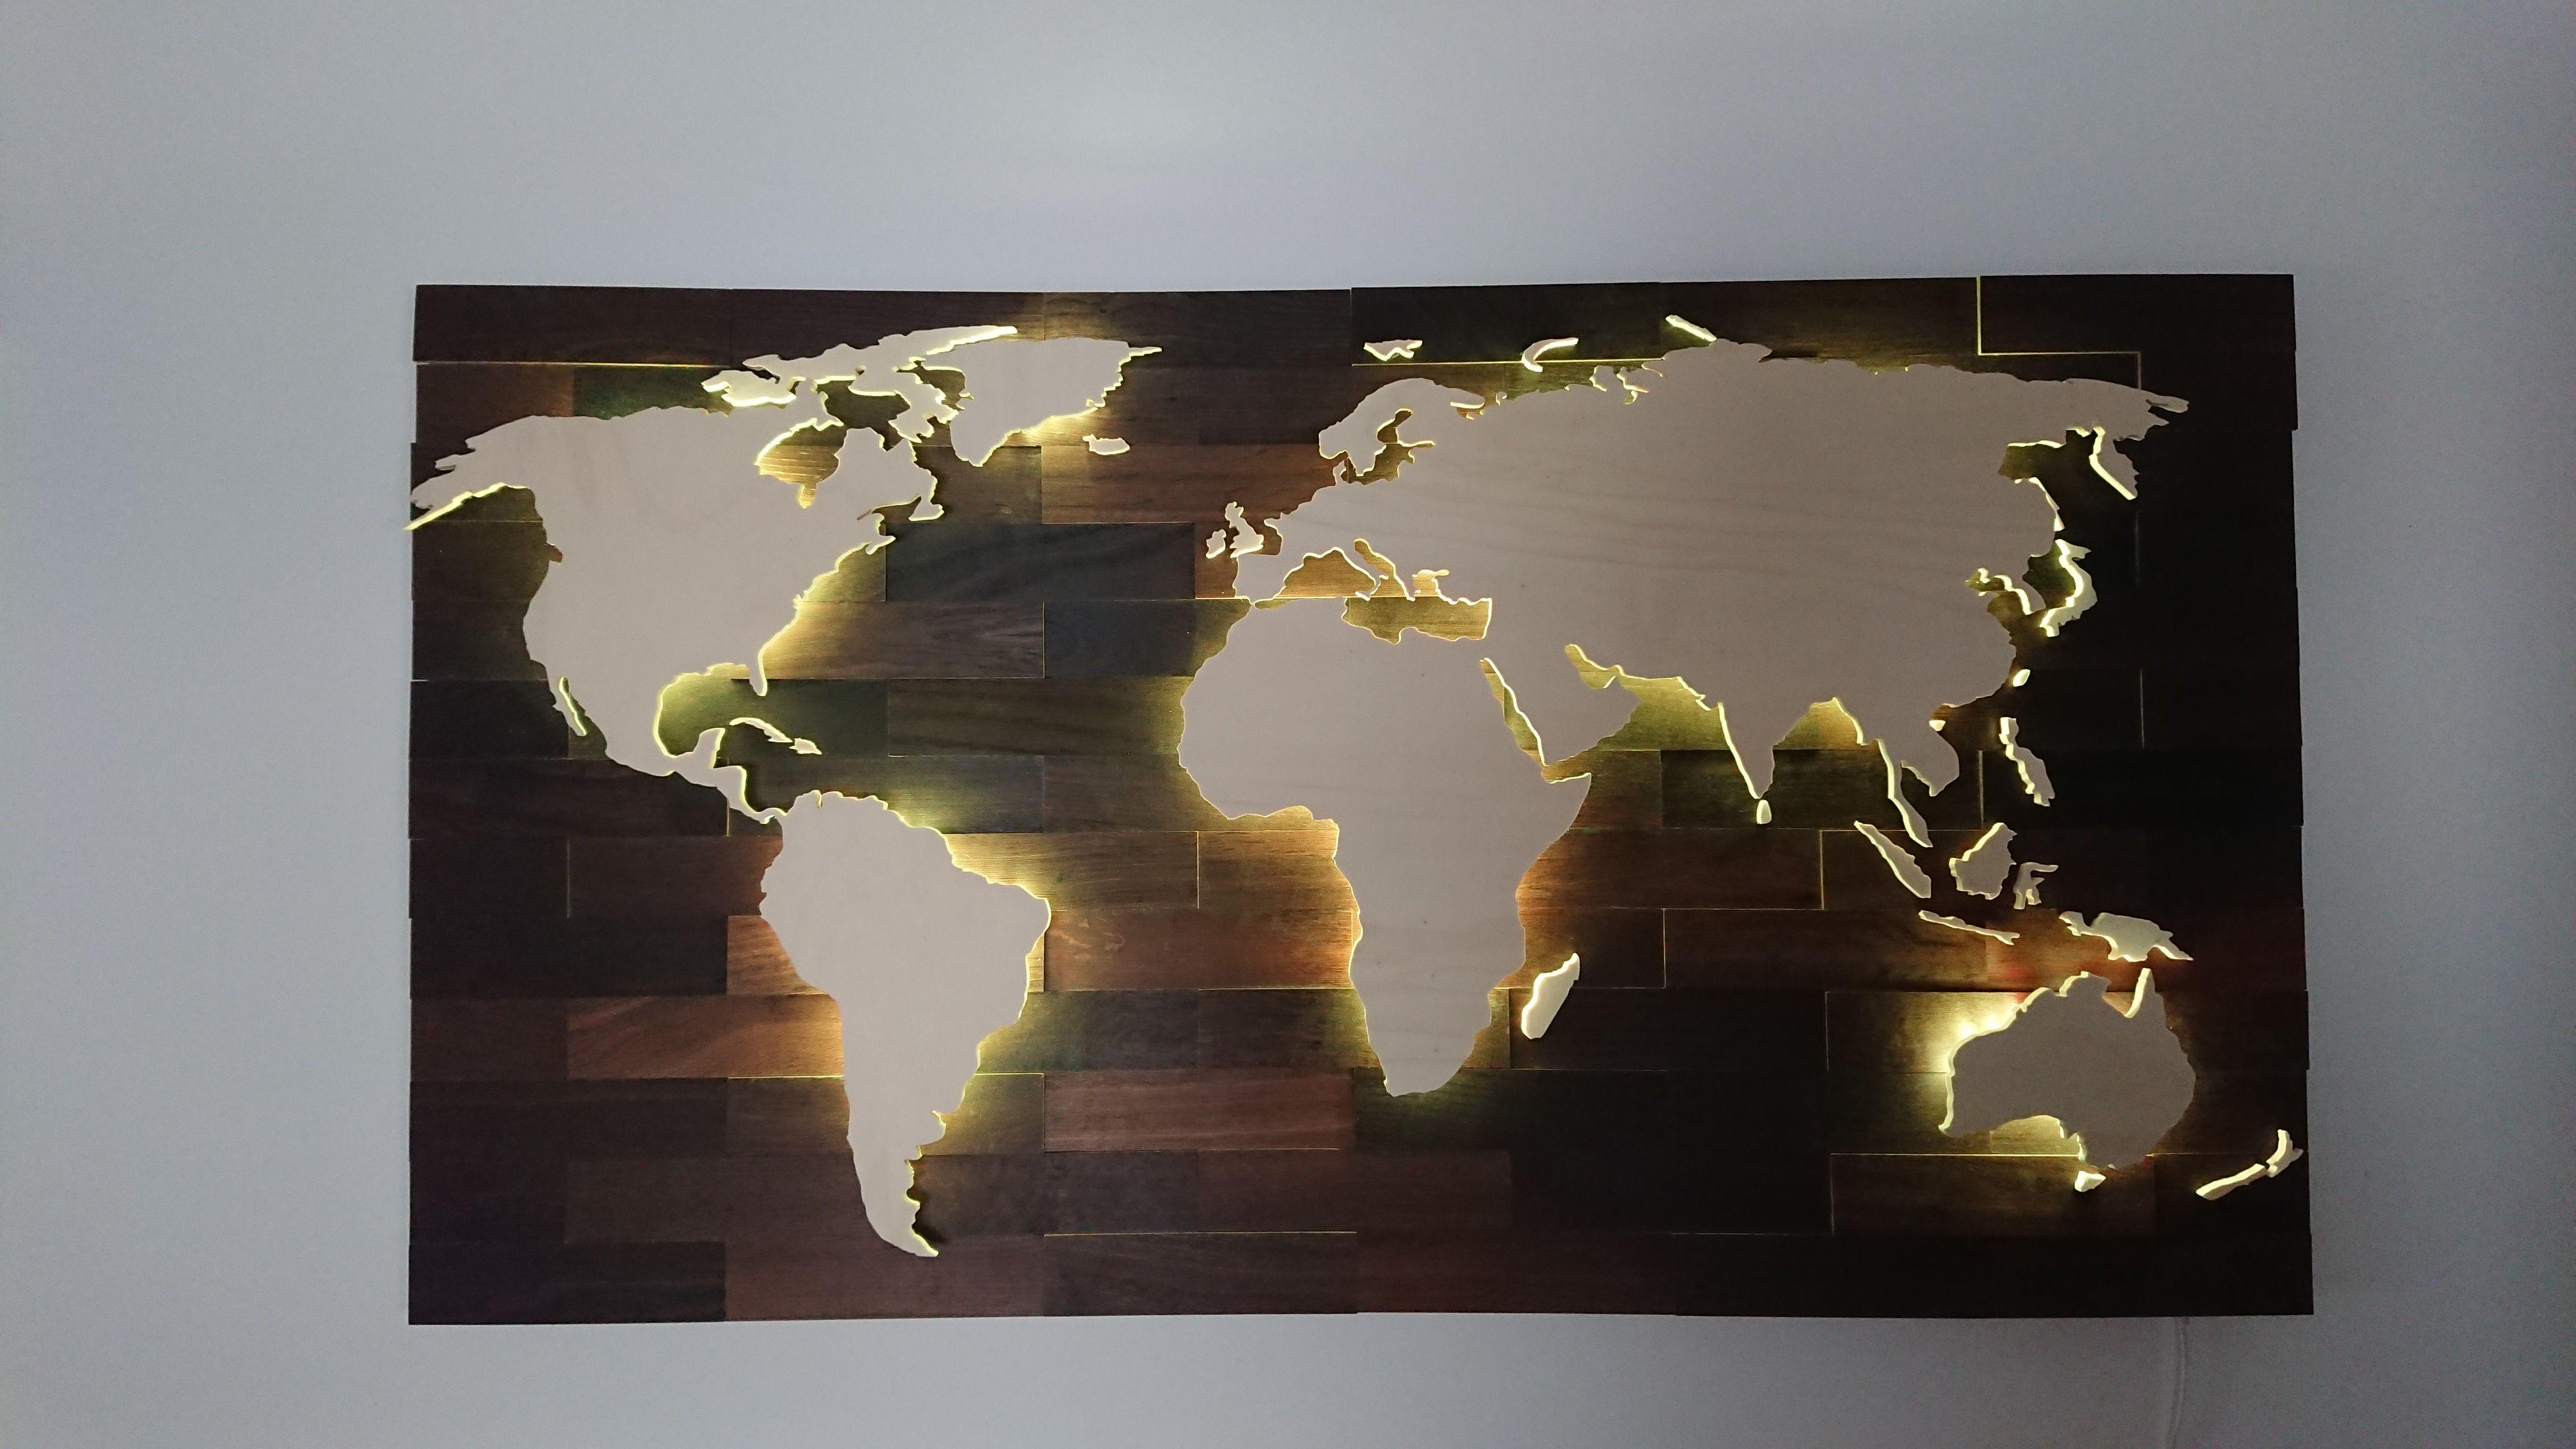 3d Weltkarte Aus Holz Mit Led Beleuchtung Die Karte Ist Wifi Fahig Und Lasst Sich Mit Einen Smartphone Steuern D Weltkarte Aus Holz Weltkarte Led Beleuchtung